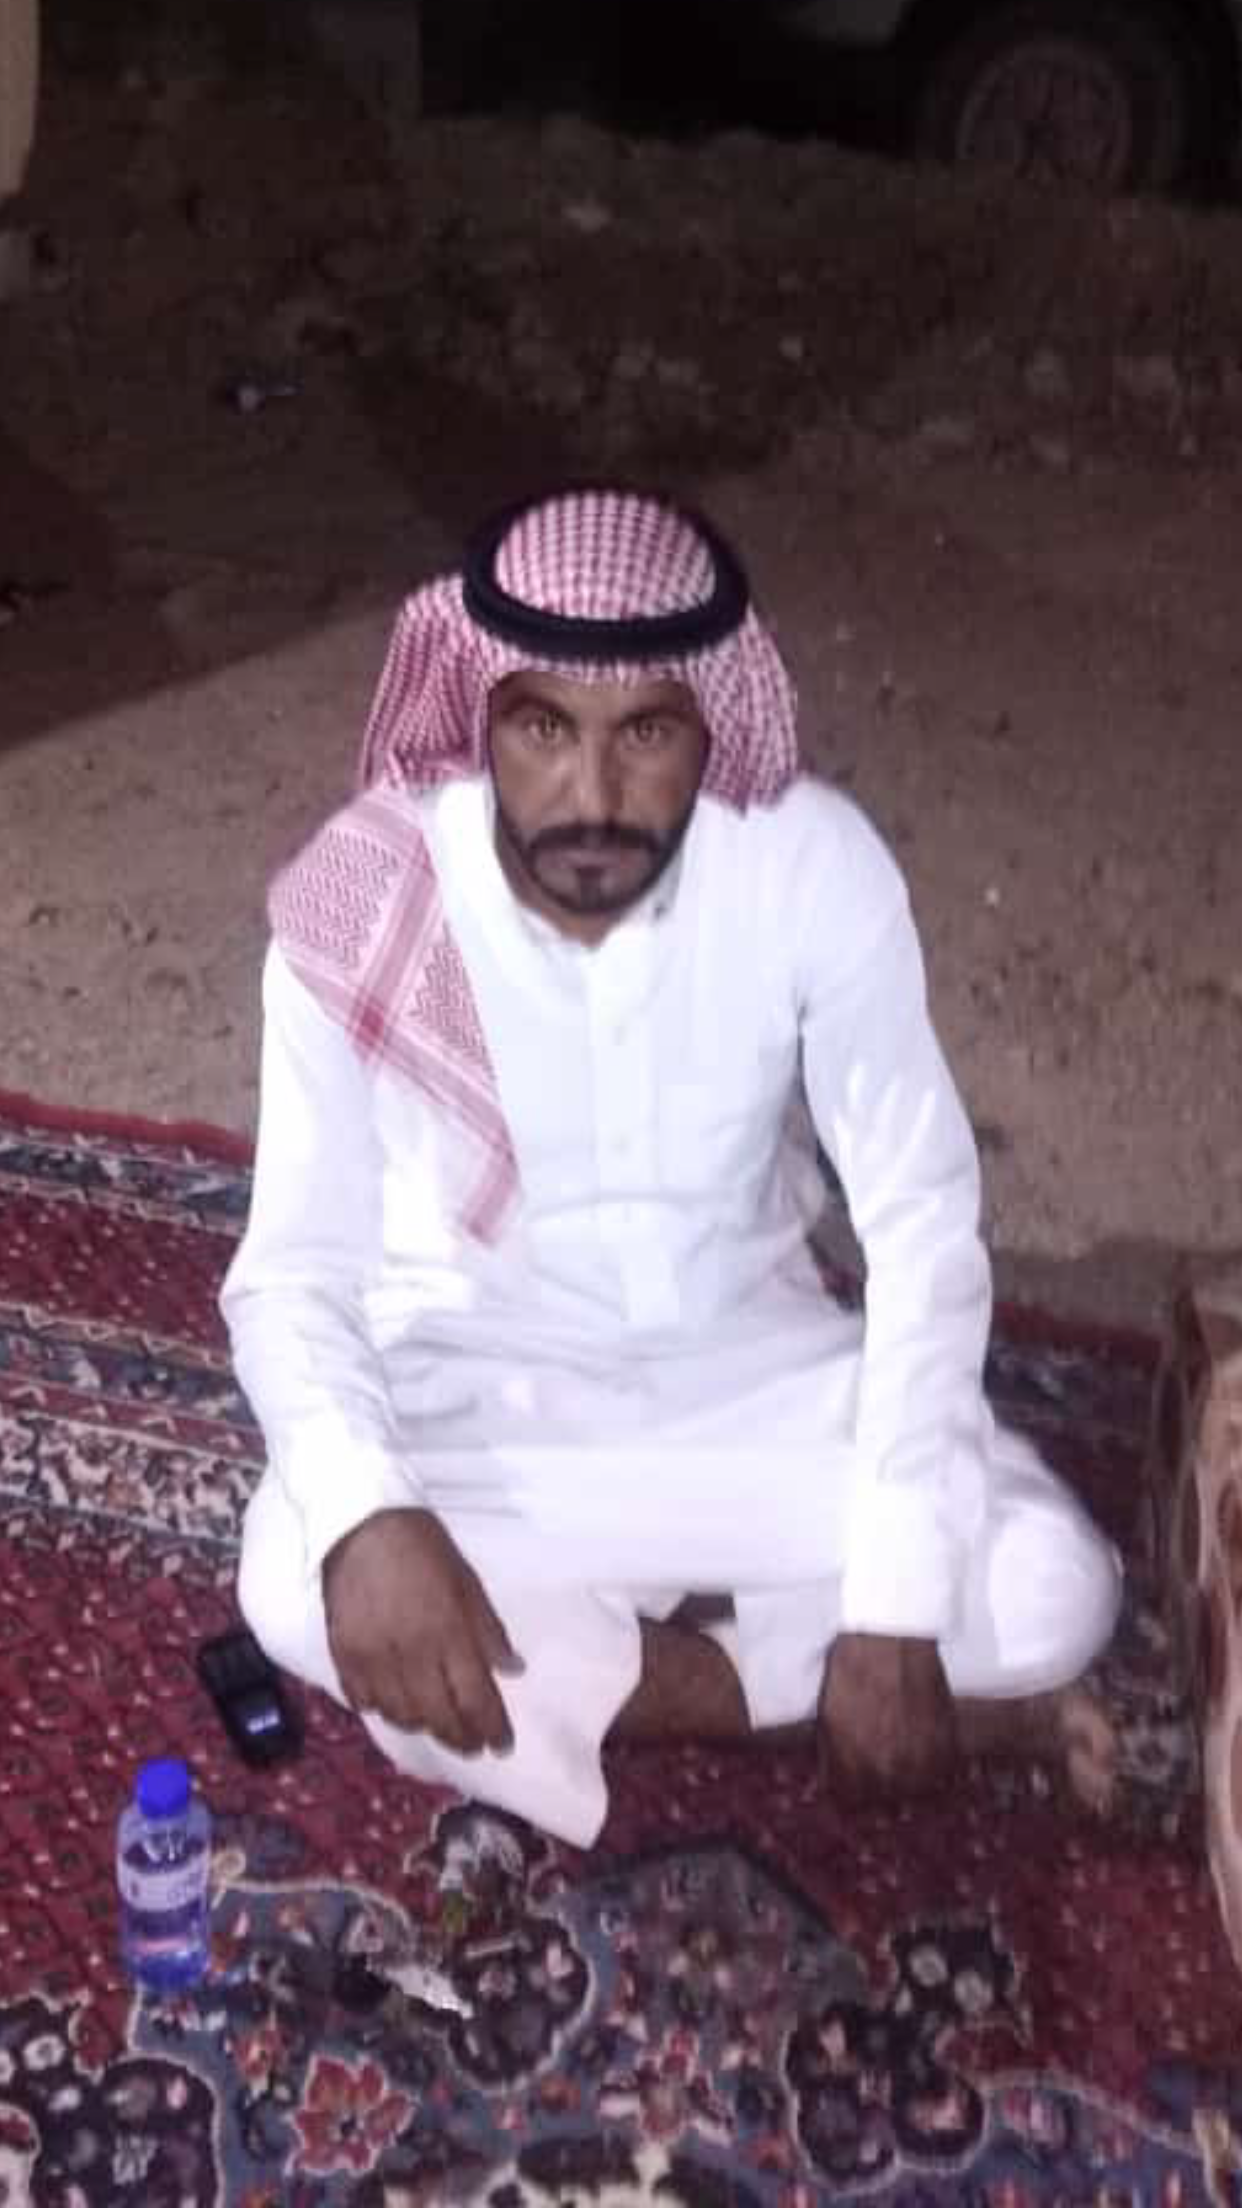 الشاب / حمدان فرج الجحم البلوي يحتفل بزواجه 836C028C 7039 4973 991A 3A64784B315A